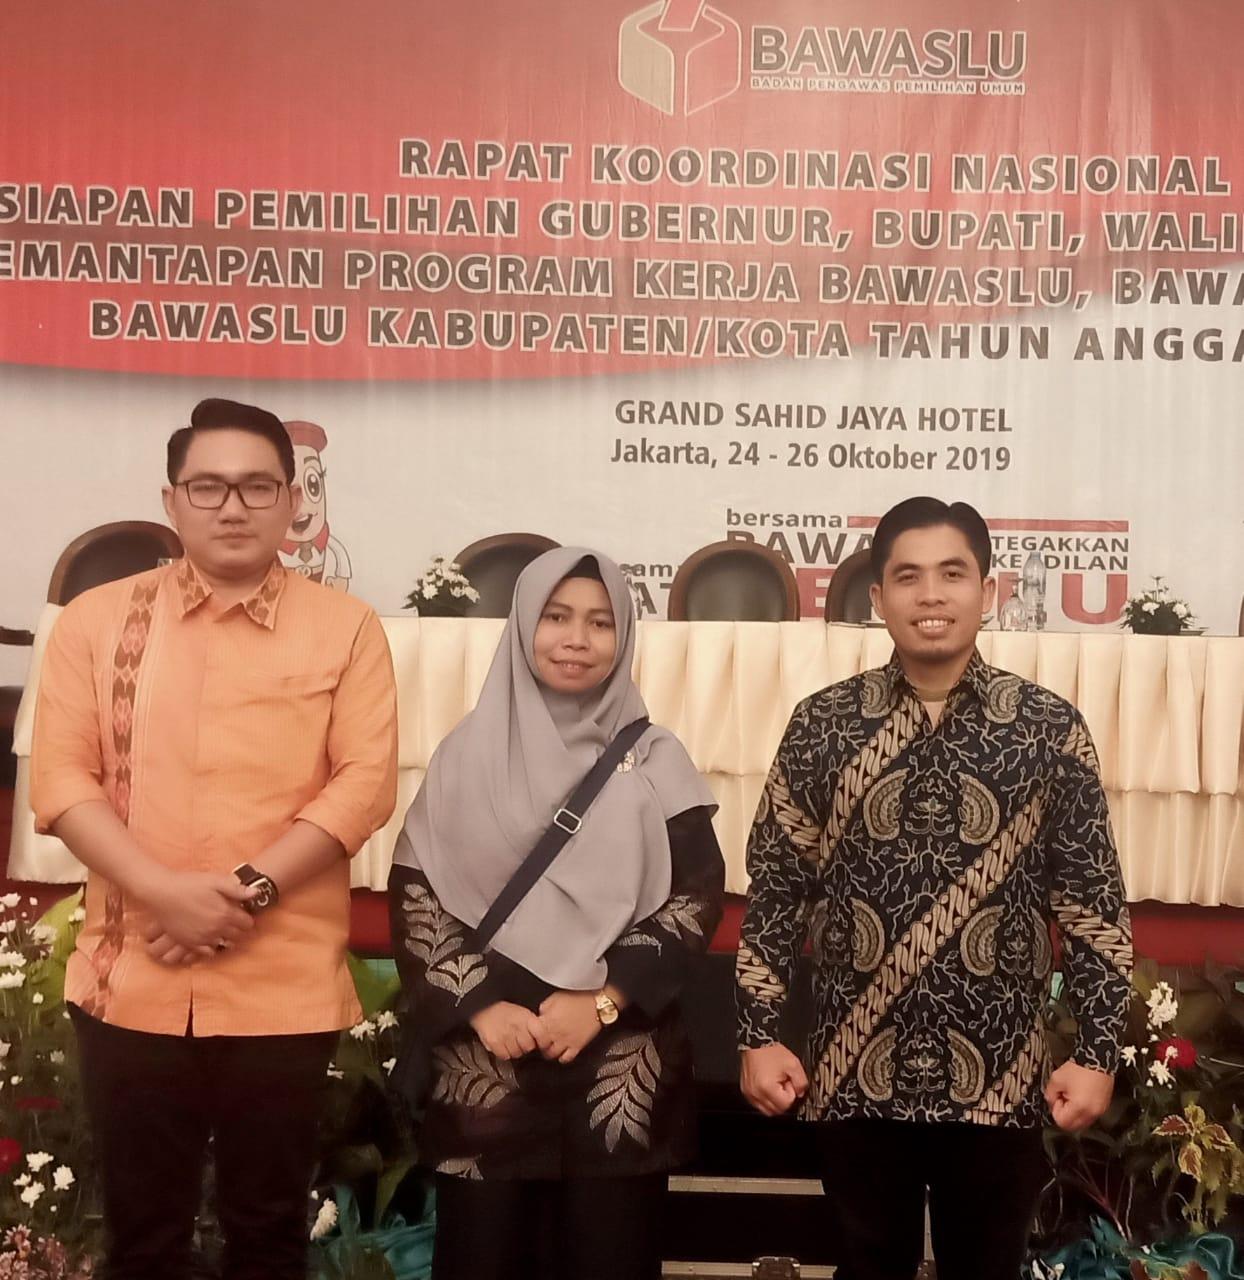 Hadiri Rakornas Bawaslu RI, Bawaslu Kota Tanjungpinang Siap Sukseskan Pilgub 2020